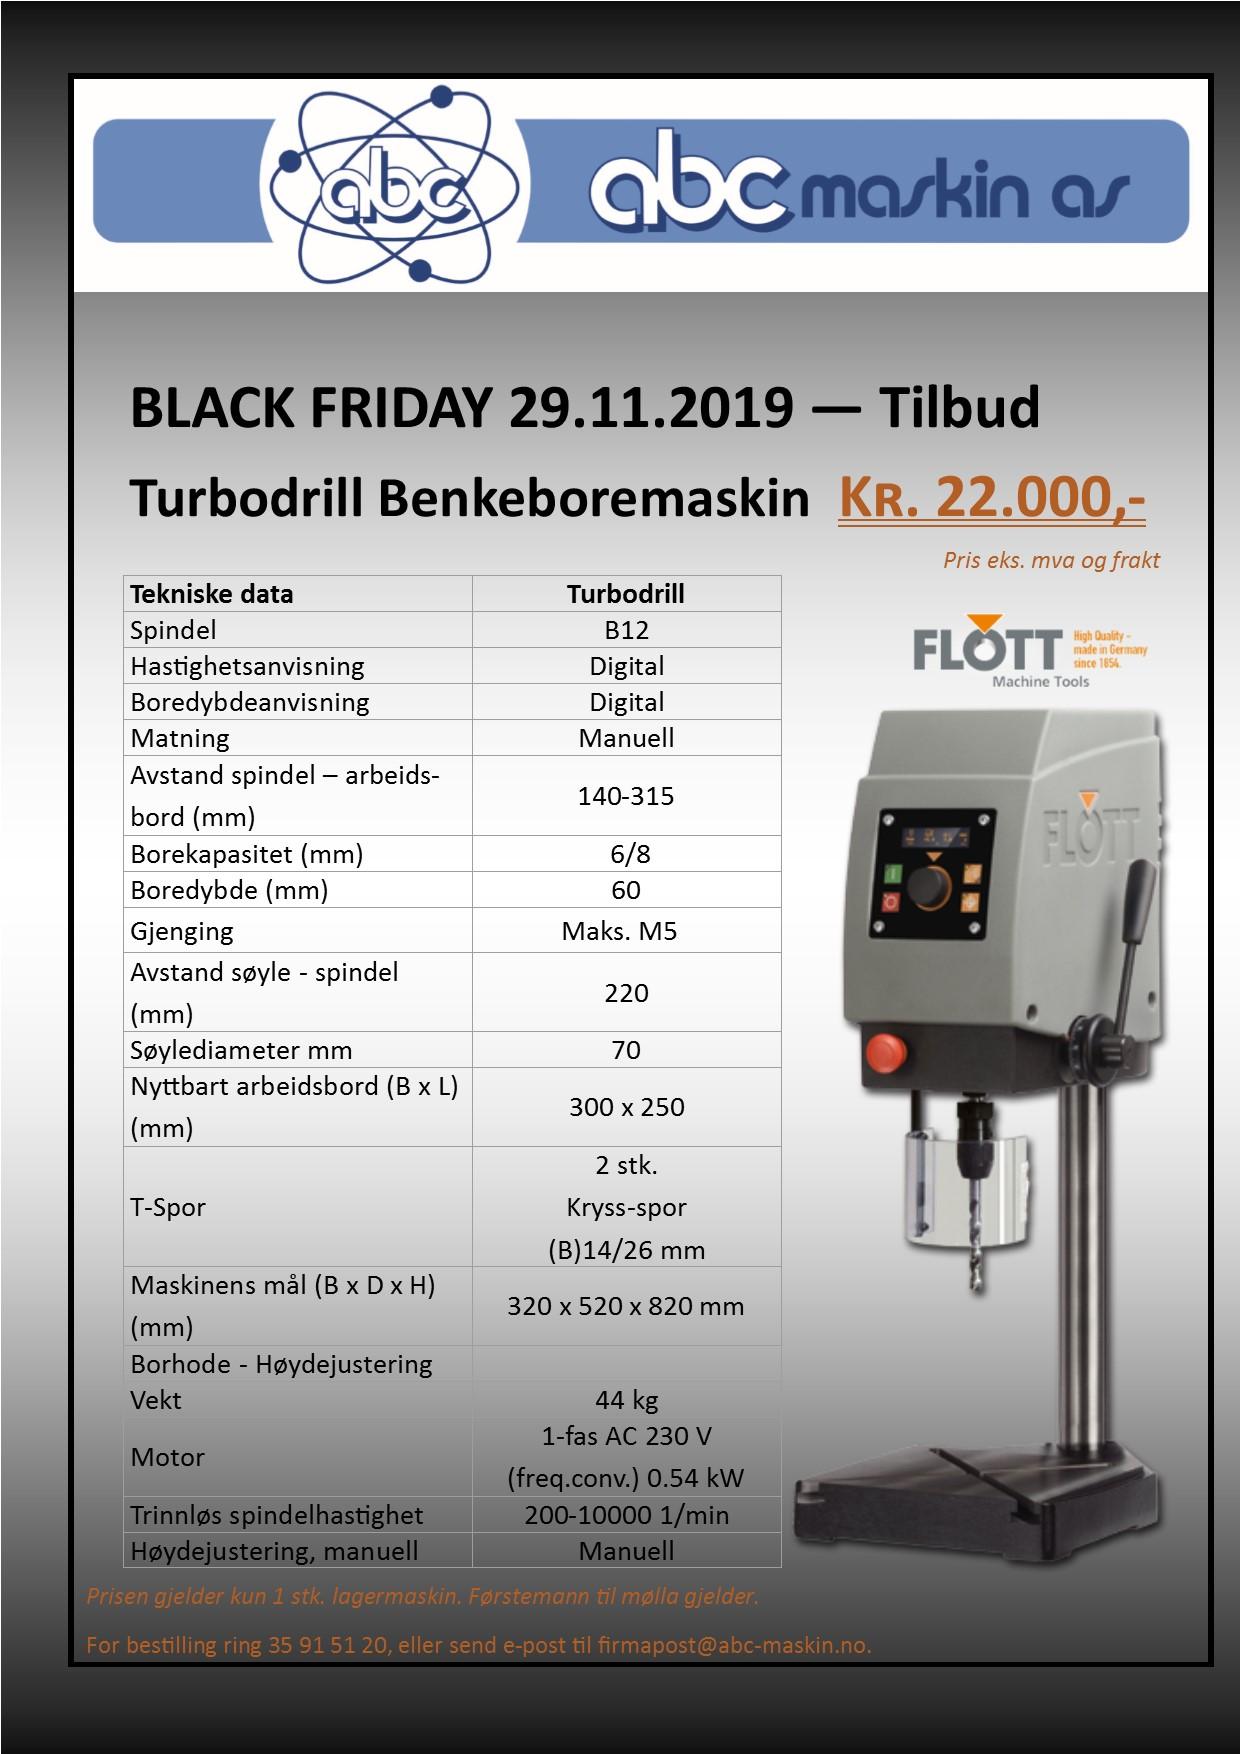 Black Friday tilbud 60 minutter floating   Oslo   Tilbud